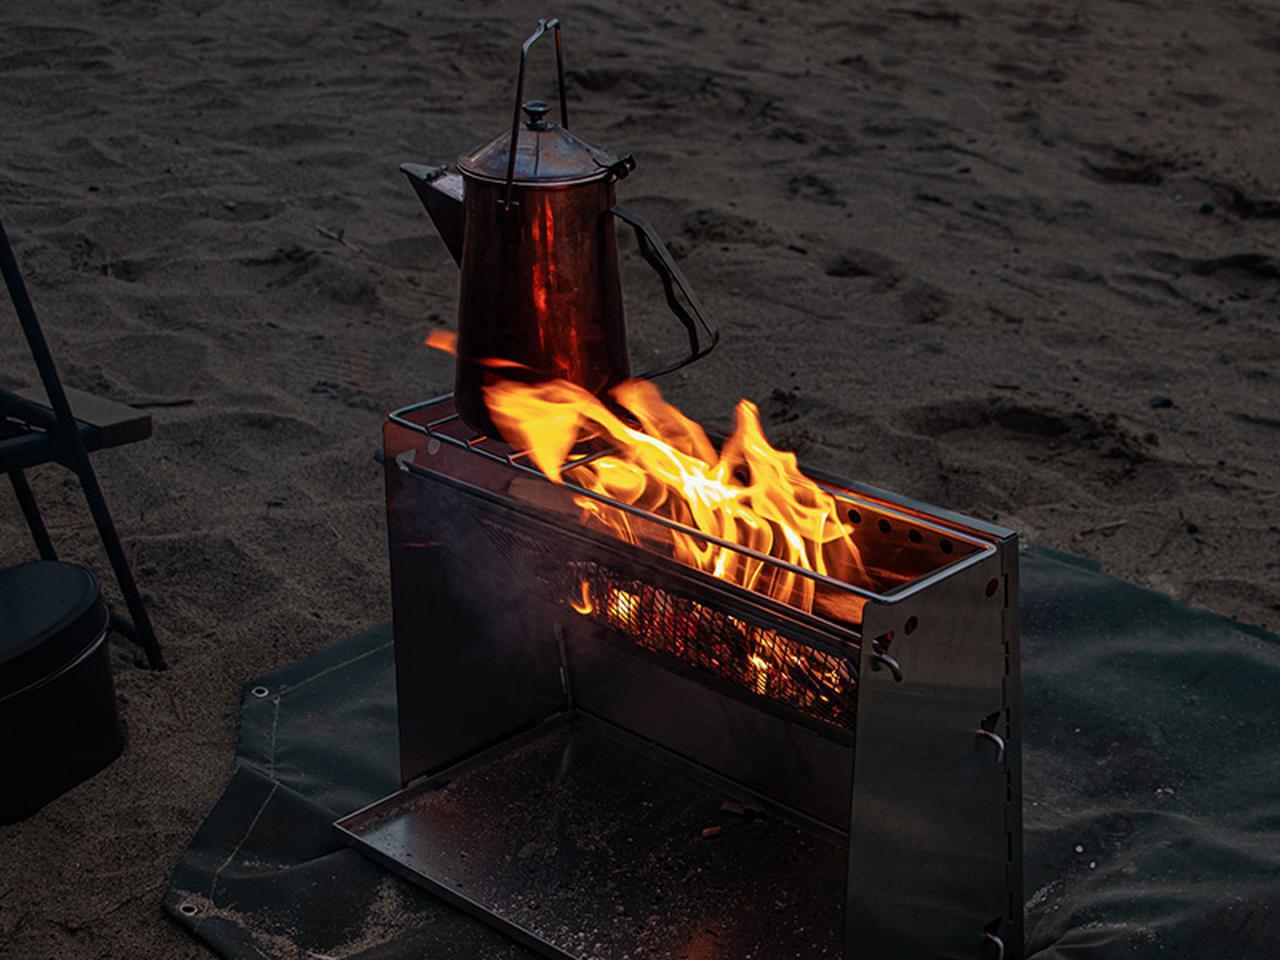 画像6: 焚き火の熱を存分に感じる、暖かさに特化した焚き火台